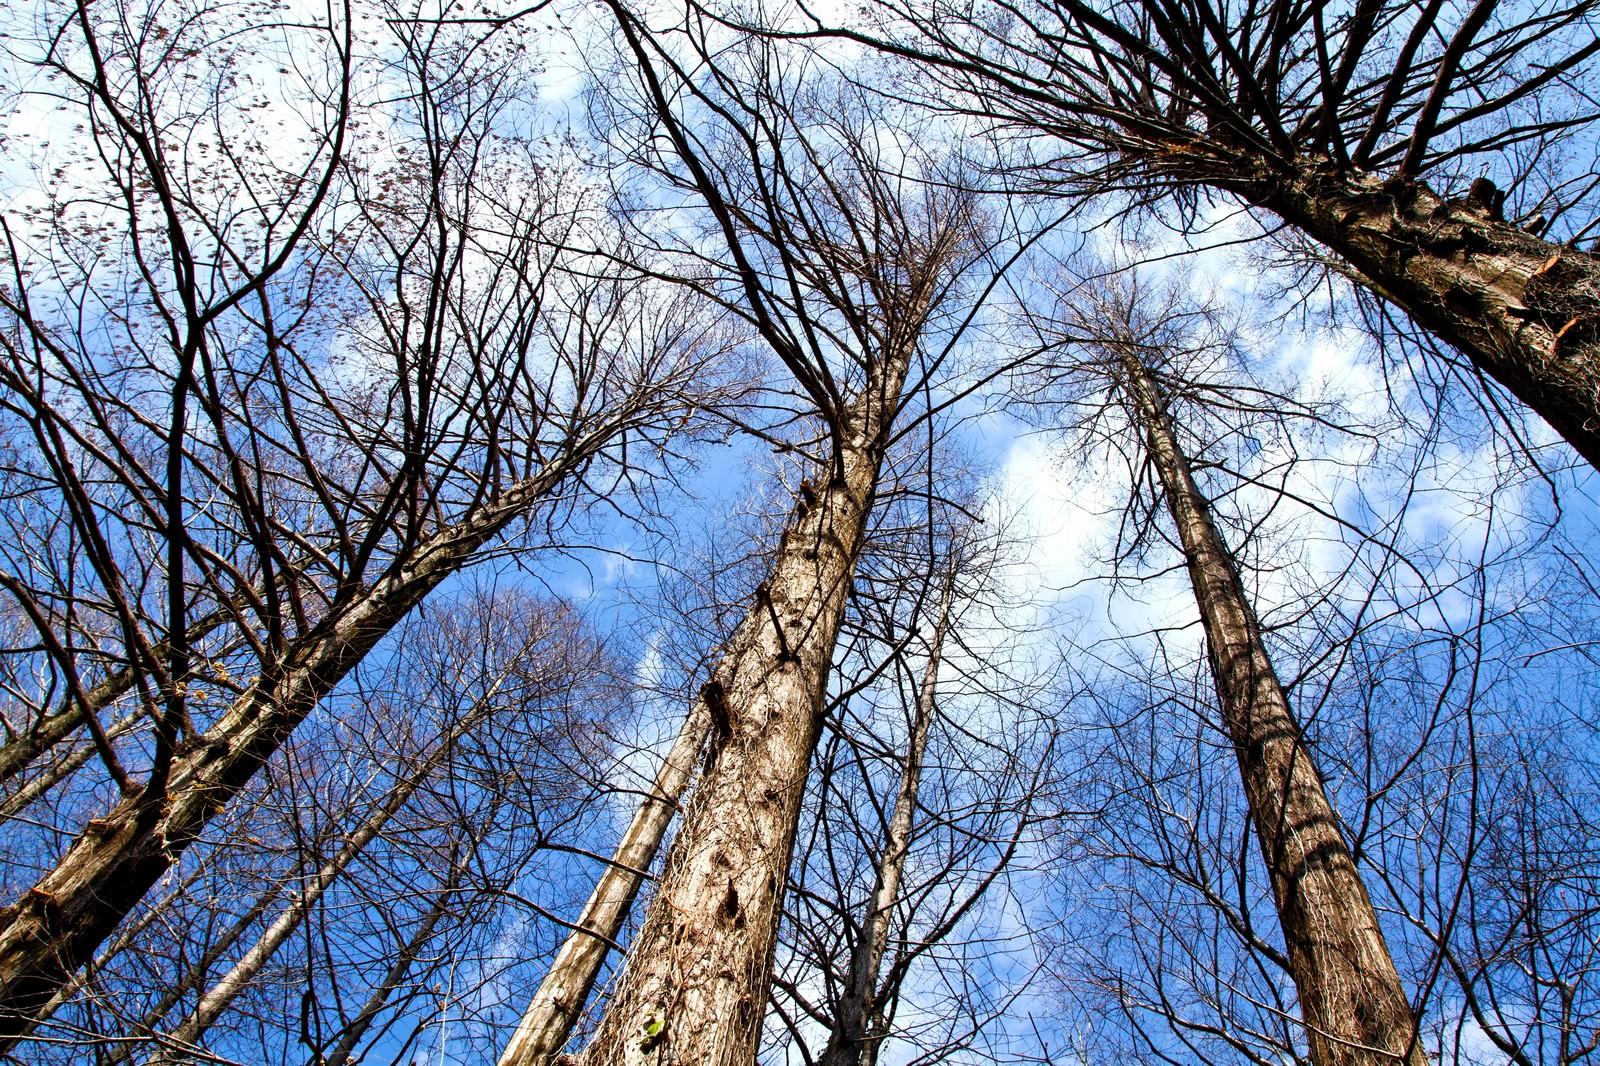 「雑木林と見上げる空」の写真